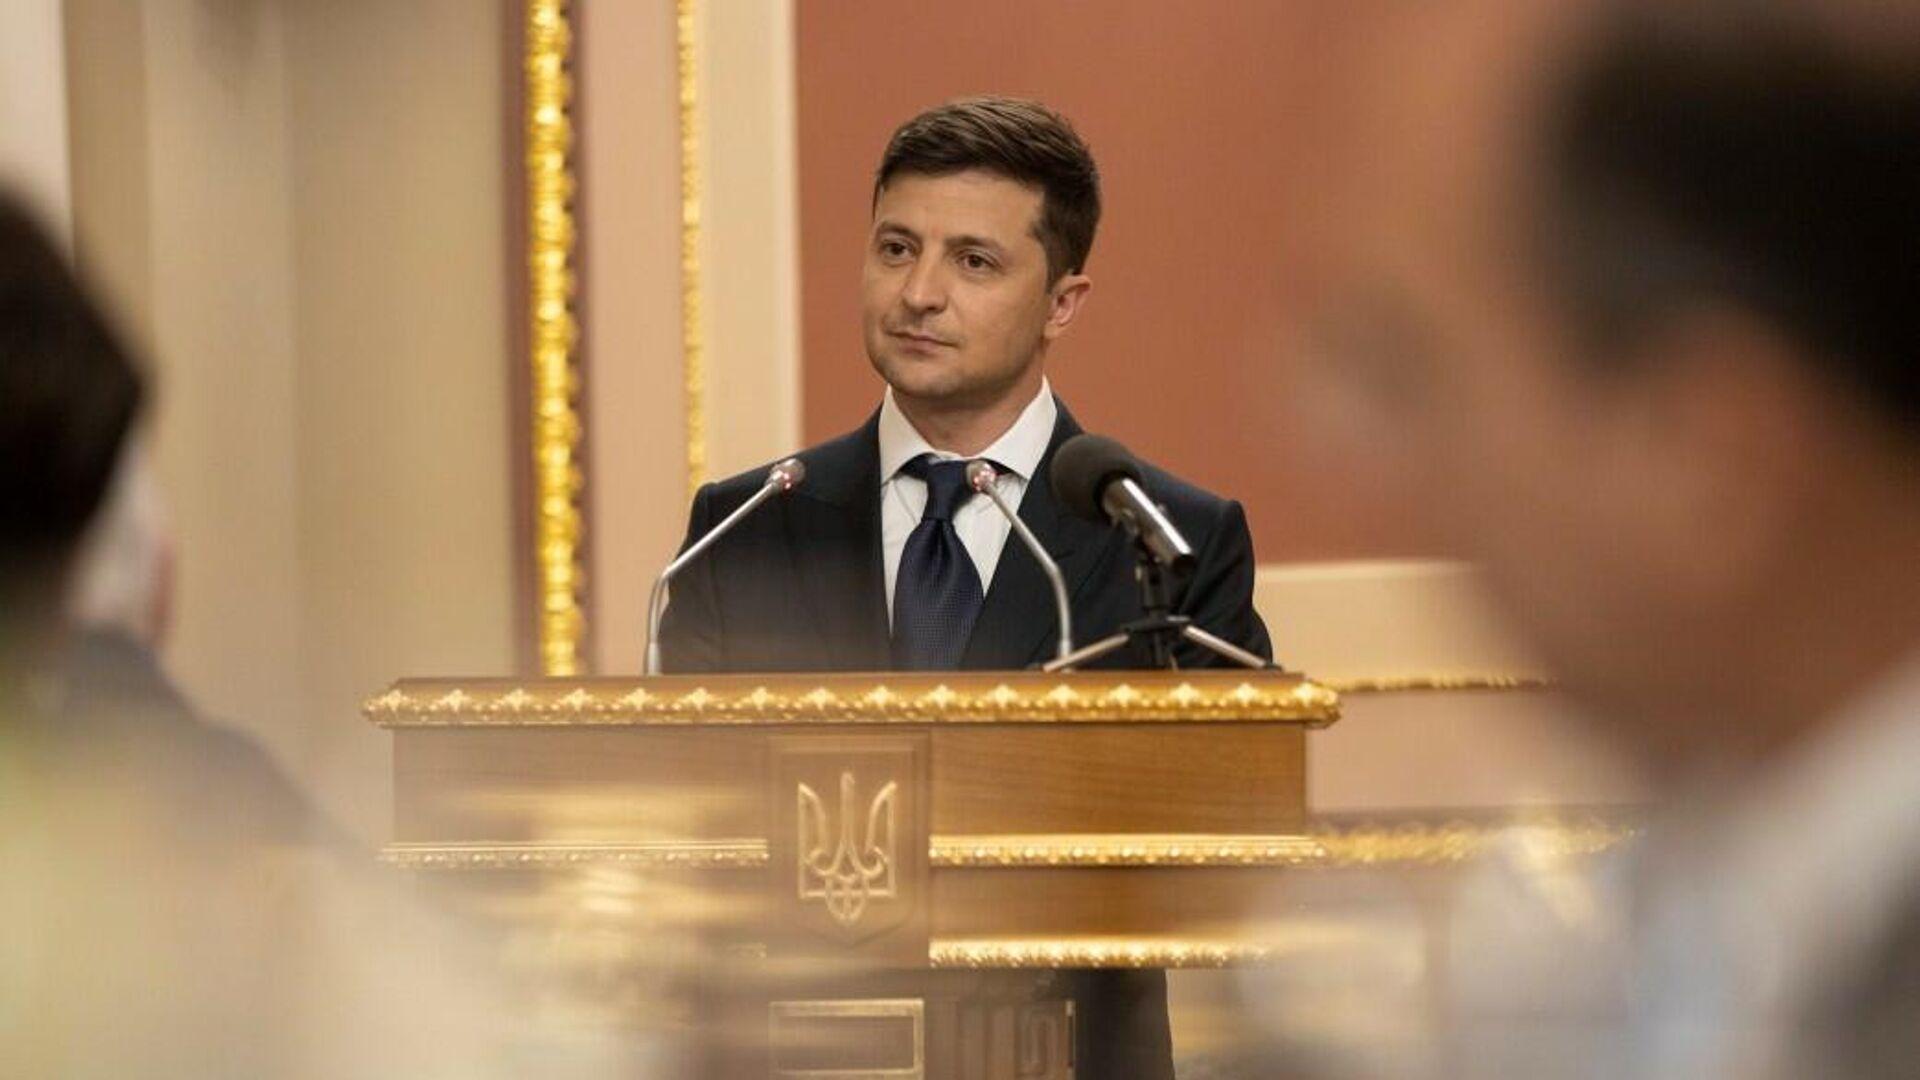 Инаугурация избранного президента Украины Владимира Зеленского. 20 мая 2019 года - РИА Новости, 1920, 04.07.2020